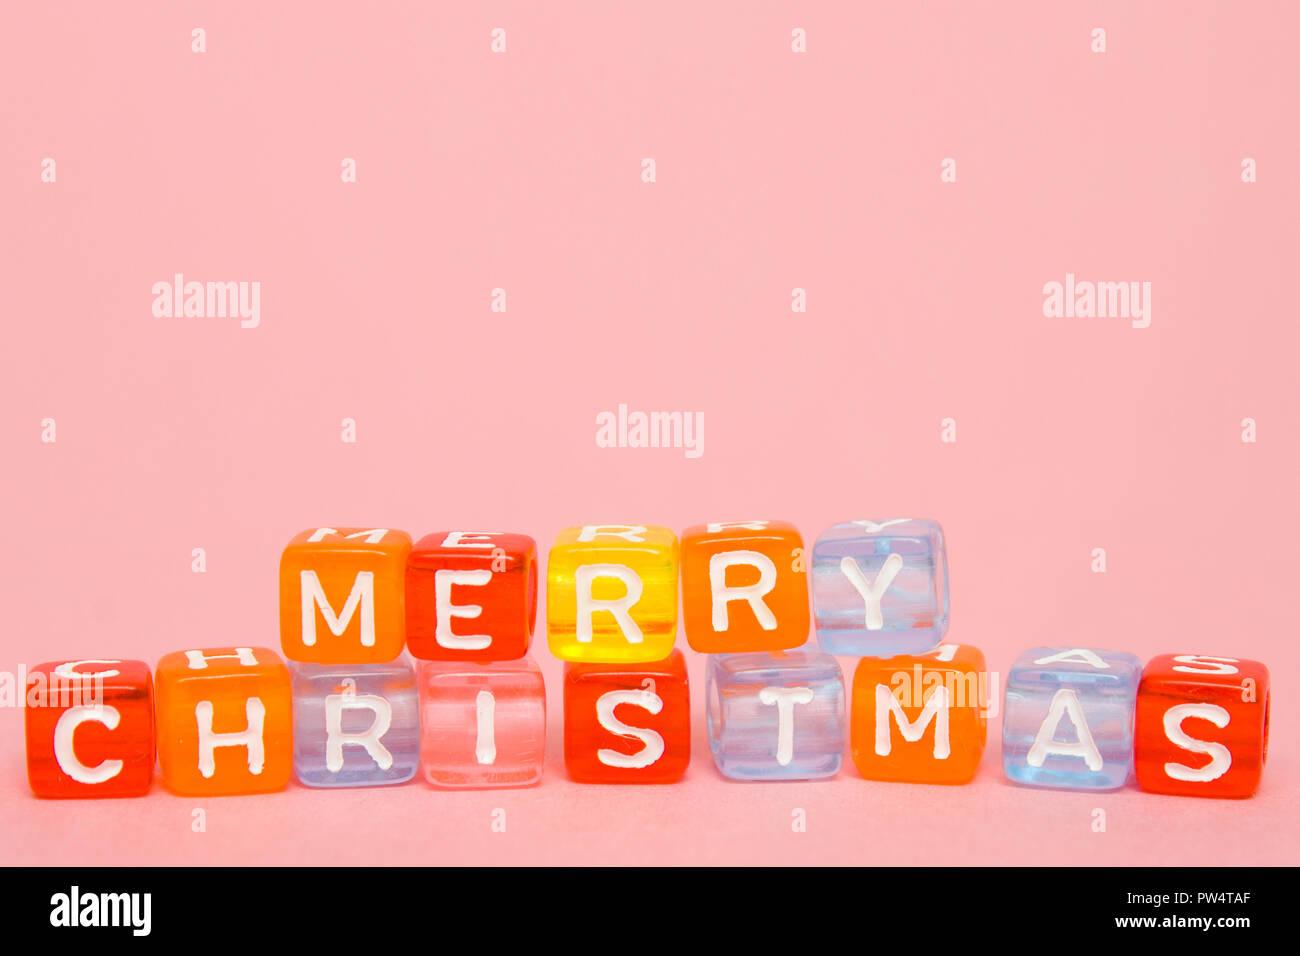 Wörter frohe Weihnachten aus bunten Blöcke auf rosa Hintergrund ...